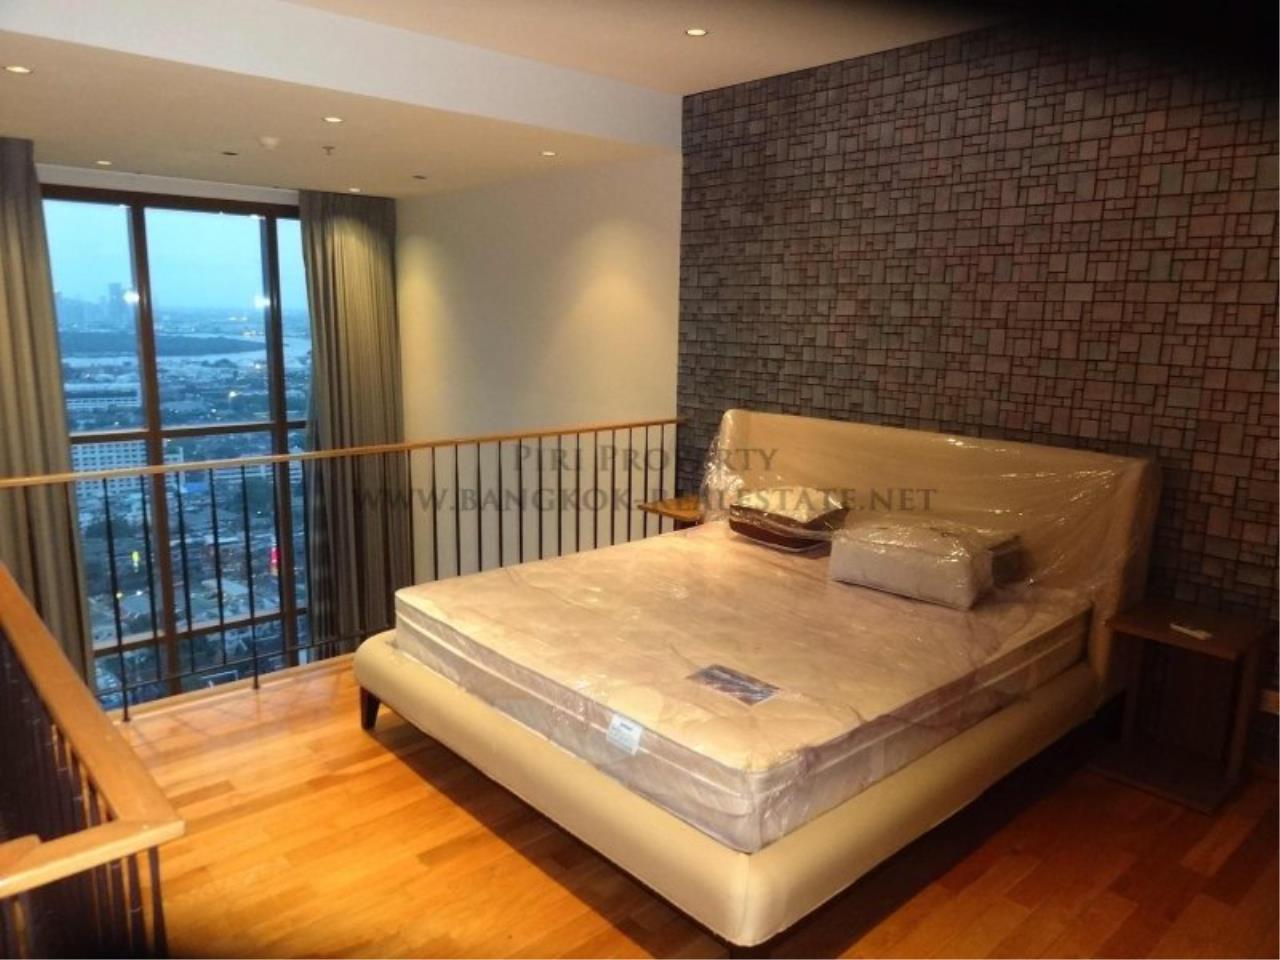 Piri Property Agency's Duplex Condo in the Emporio Place Condominium - Phrom Phong 6